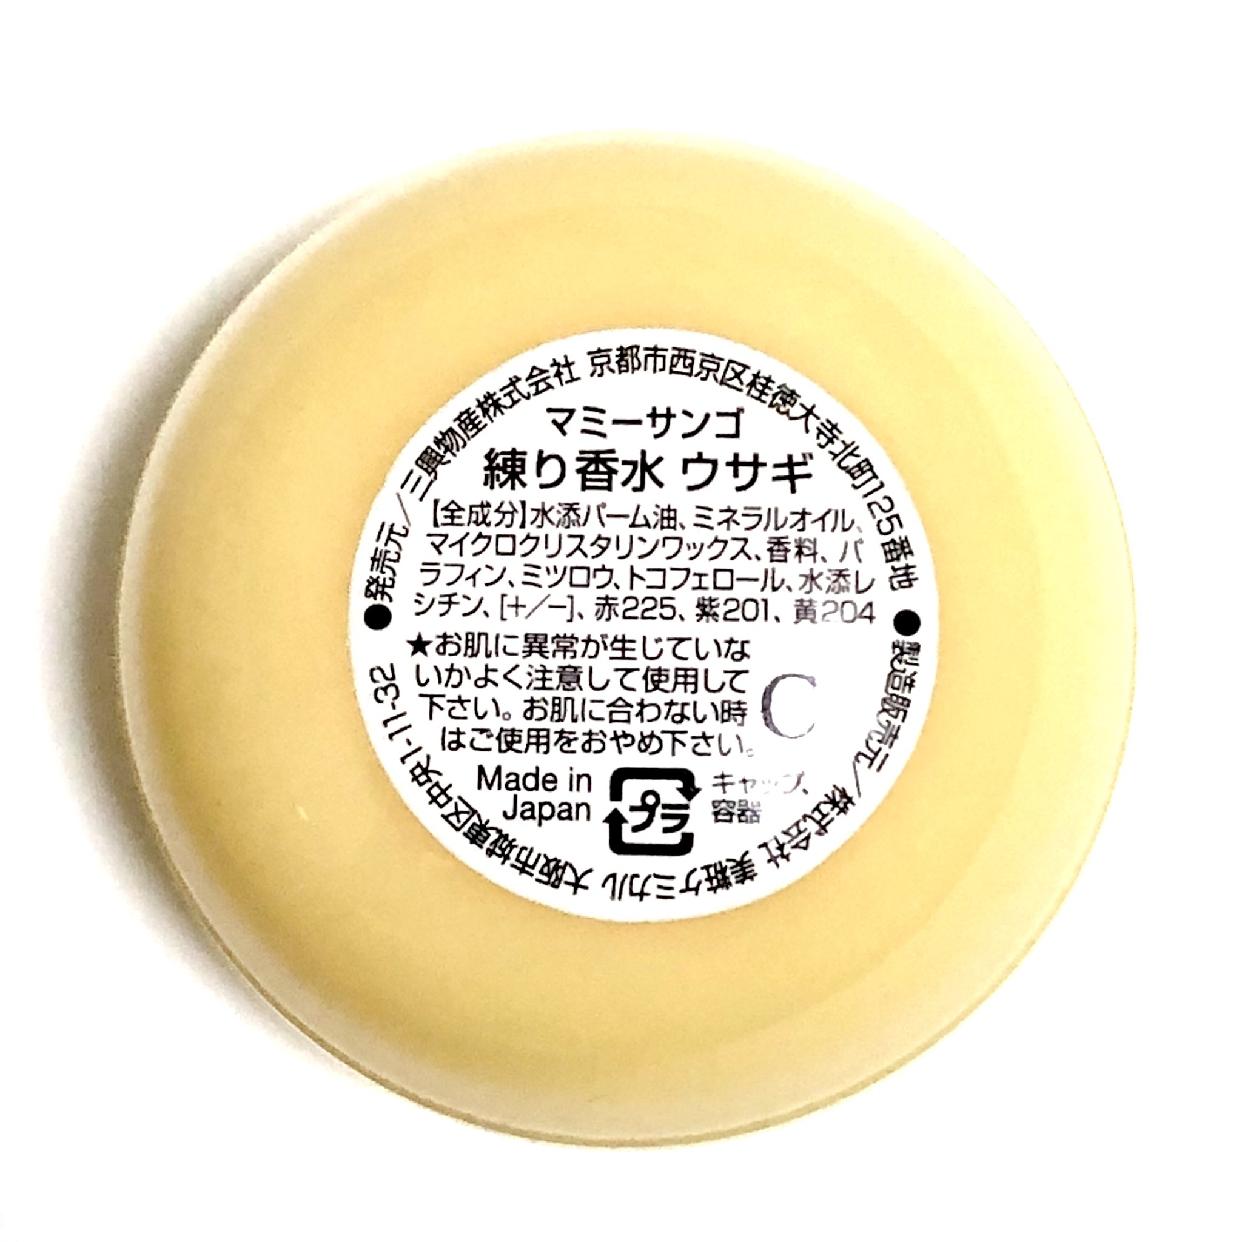 京都コスメ(きょうとこすめ)舞妓さん 練り香水 うさぎ饅頭を使った gaho《がほ》さんの口コミ画像5